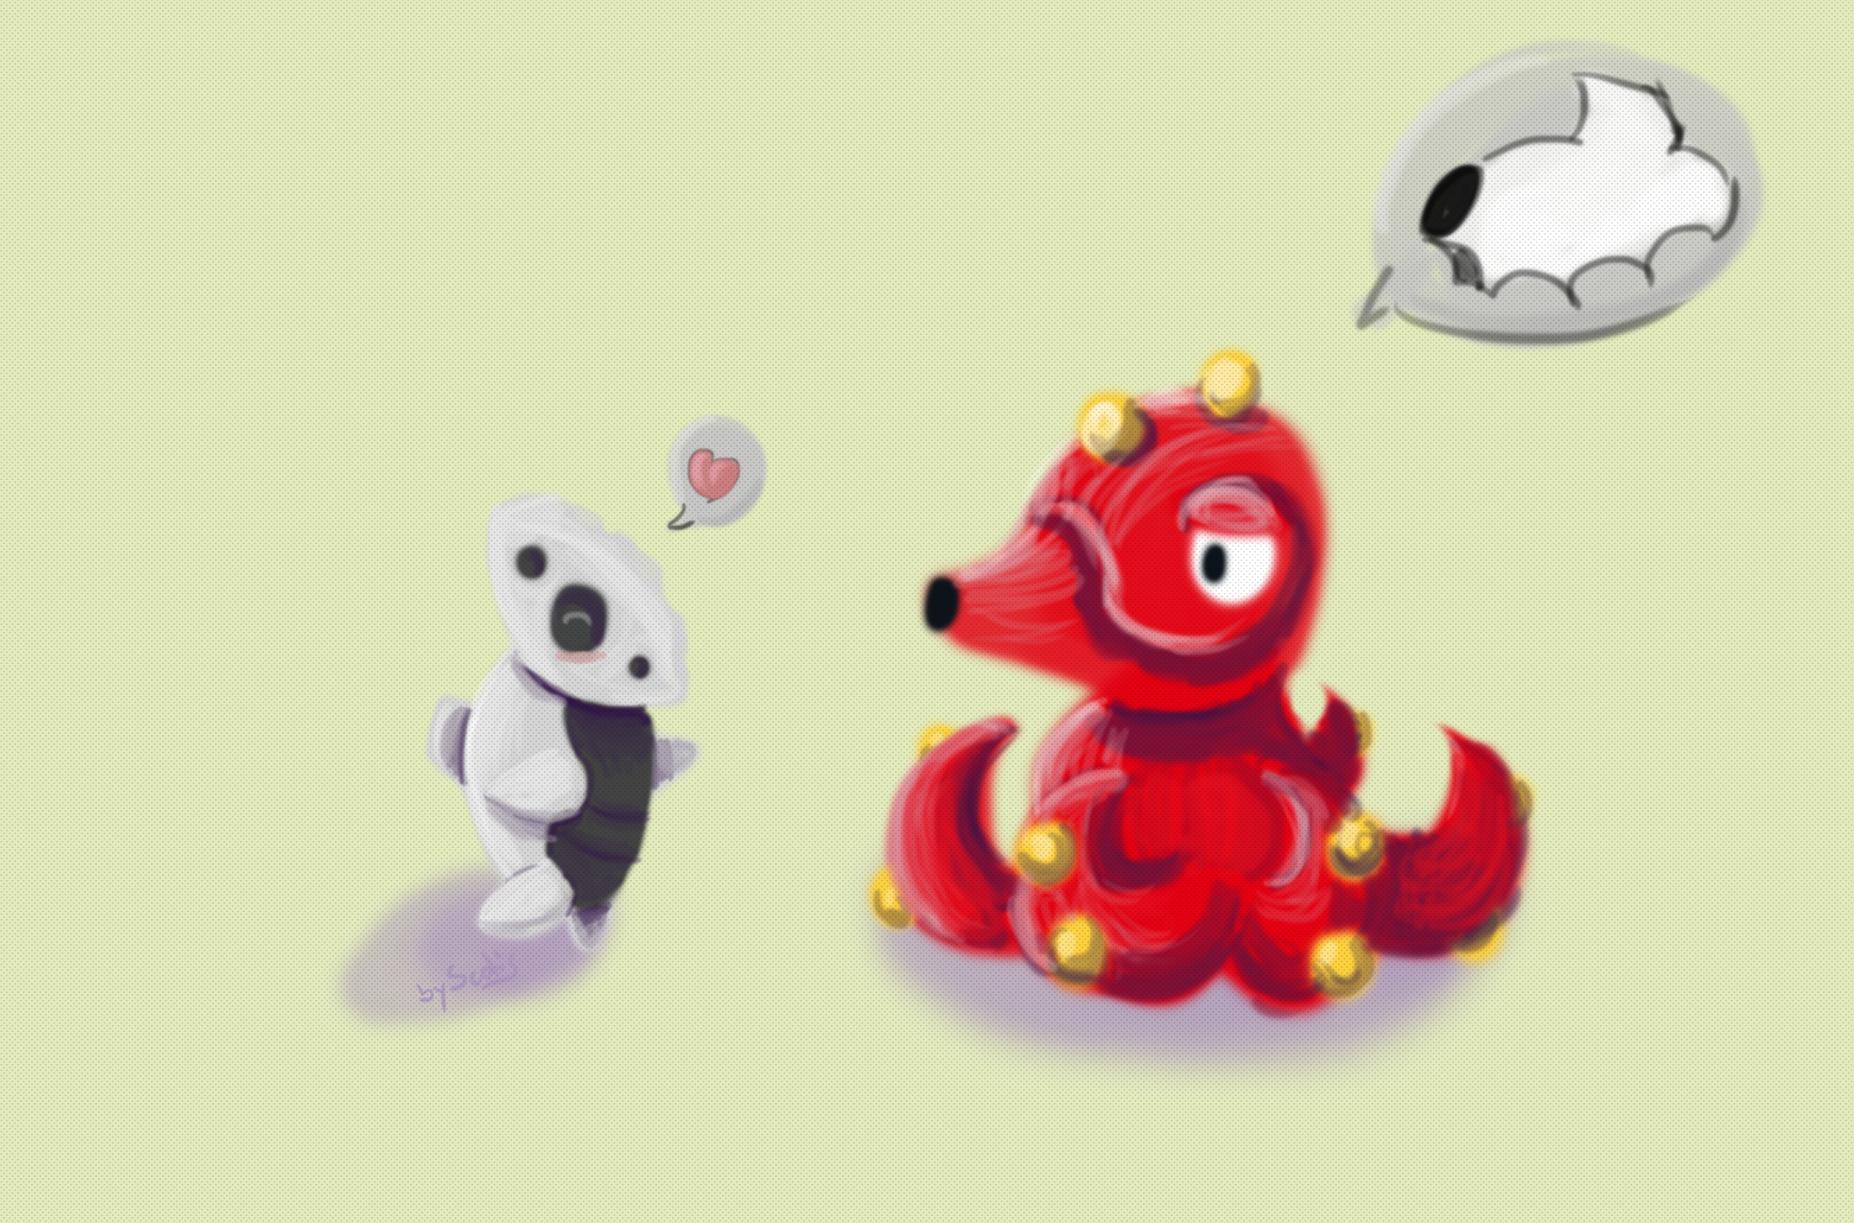 Deux pokémons, une galekid et un octillery, discutant